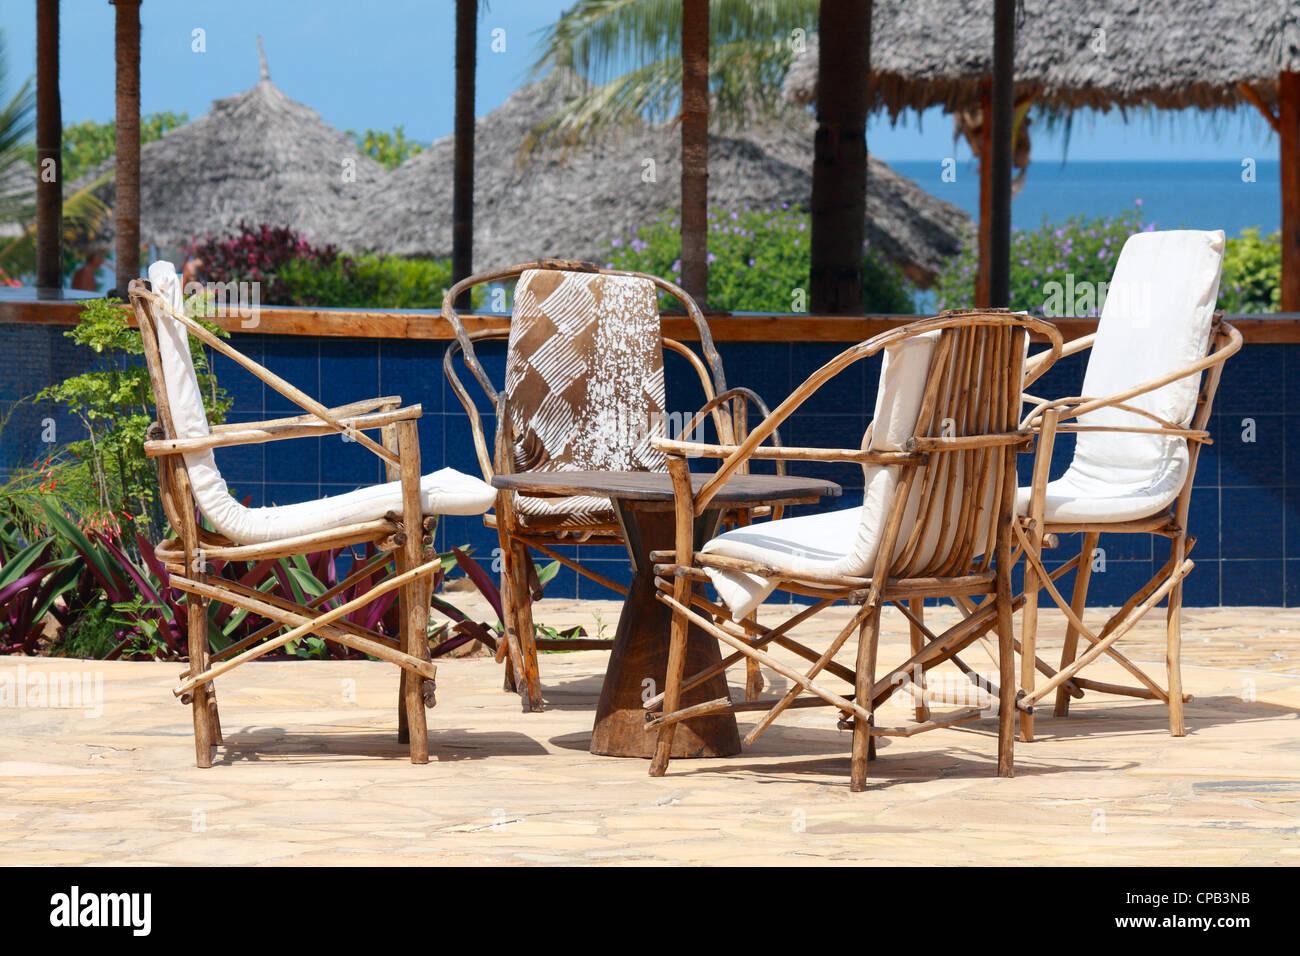 Amazing Eine Bar Im Freien Hölzernen Tisch An Einem Sonnigen Tag Stockbild